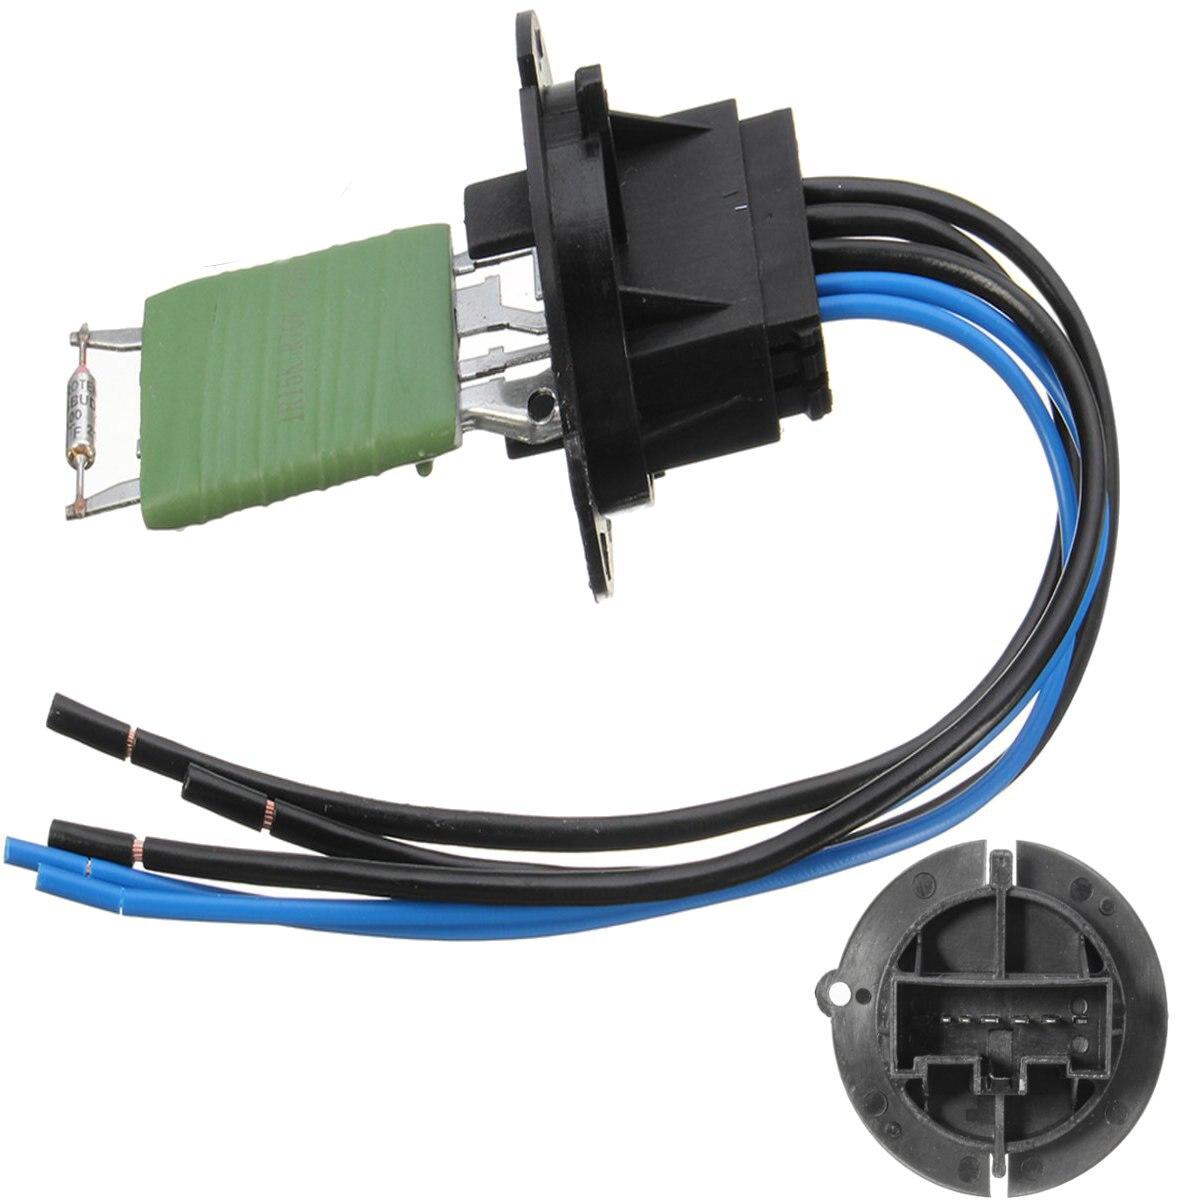 Connecteur de résistance de chauffage de voiture et faisceau de câbles 6445ZL 6445KL 6450JP pour Peugeot 206 307 pour Citroen C3 Xsara Picasso